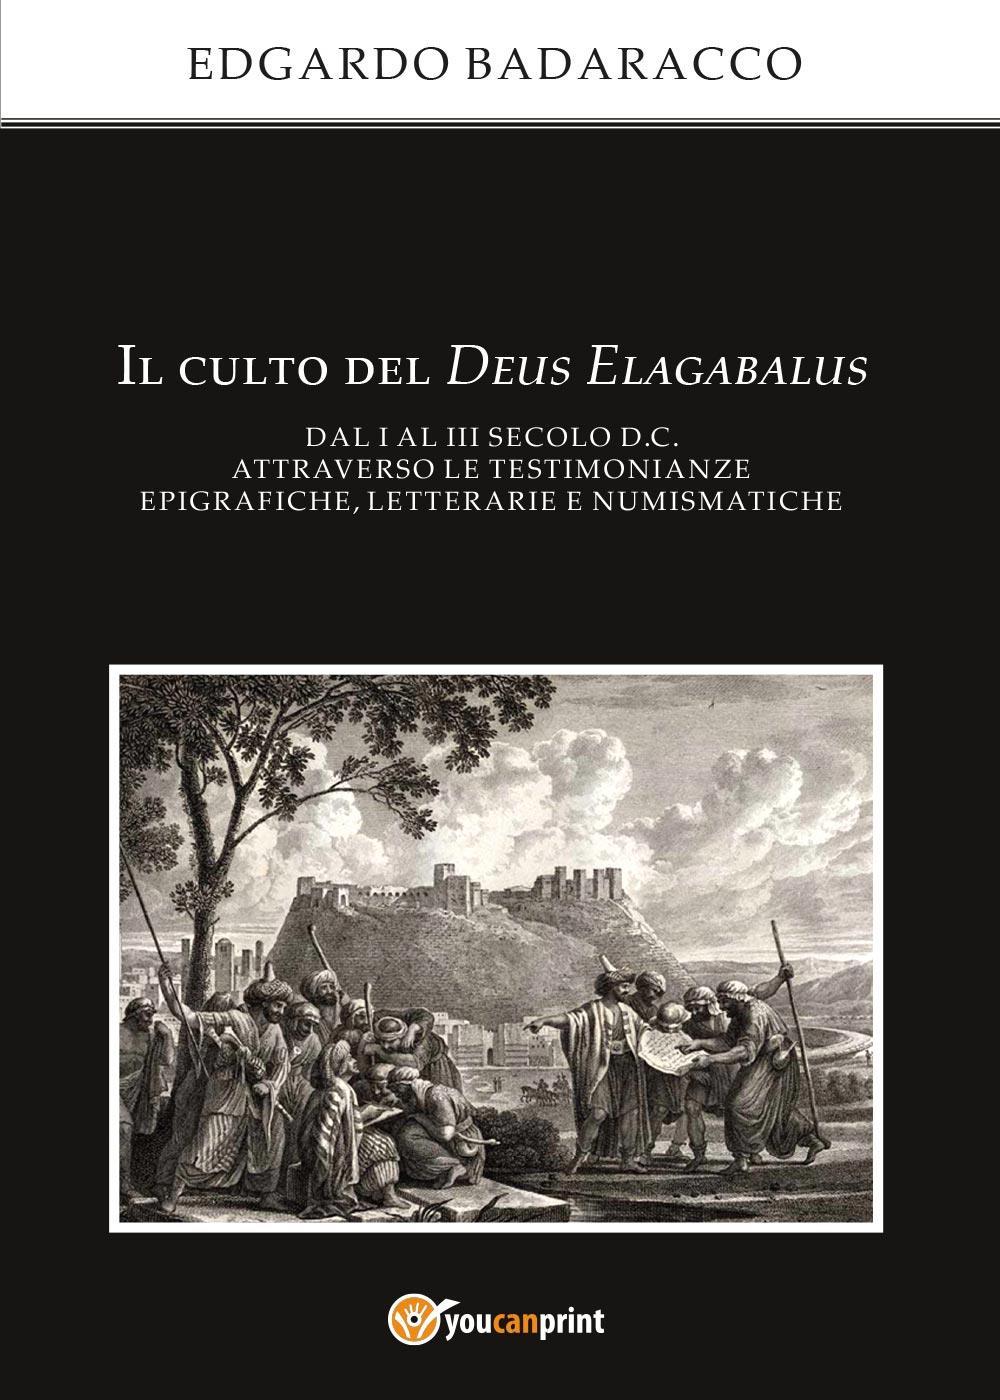 Il culto del Deus Elagabalus dal I al III secolo d.C. attraverso le testimonianze epigrafiche, letterarie e numismatiche